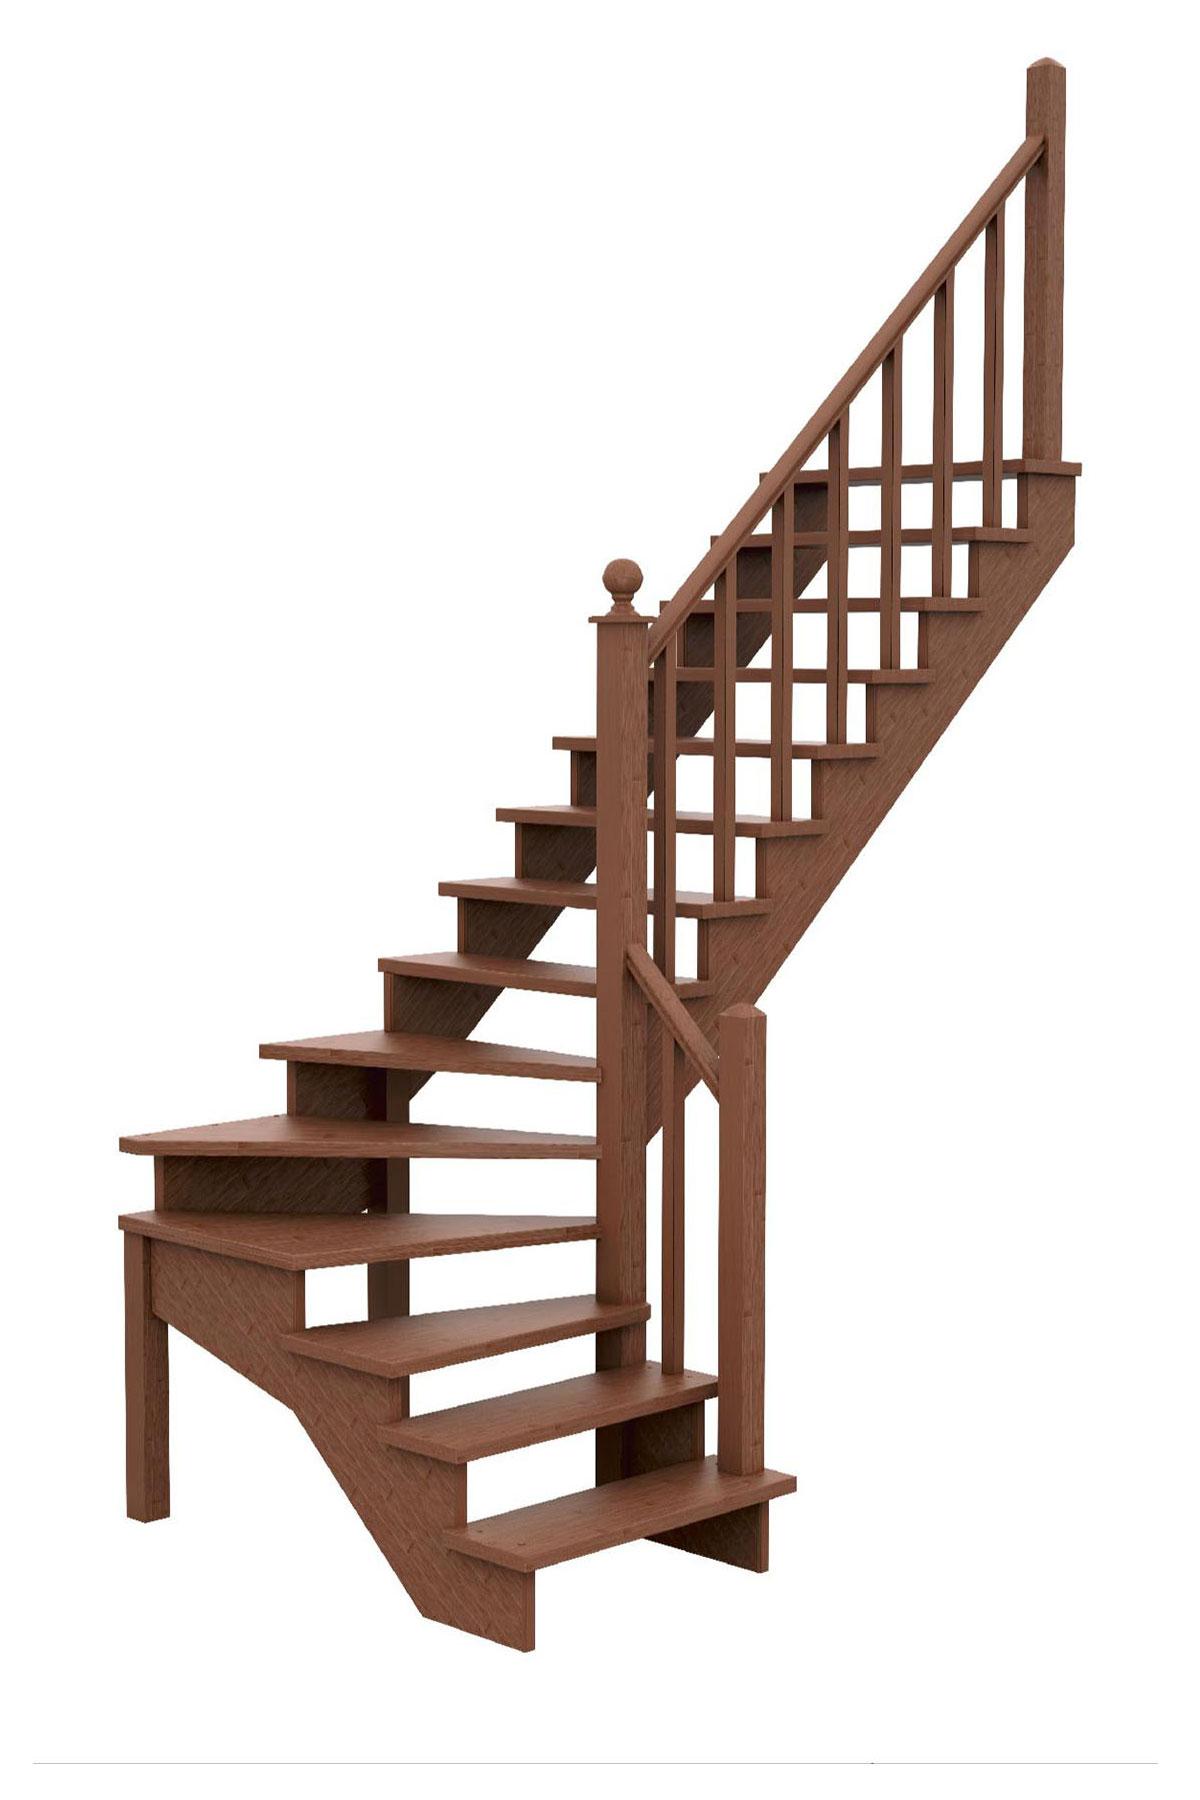 купить деревянную лестницу в Уфе